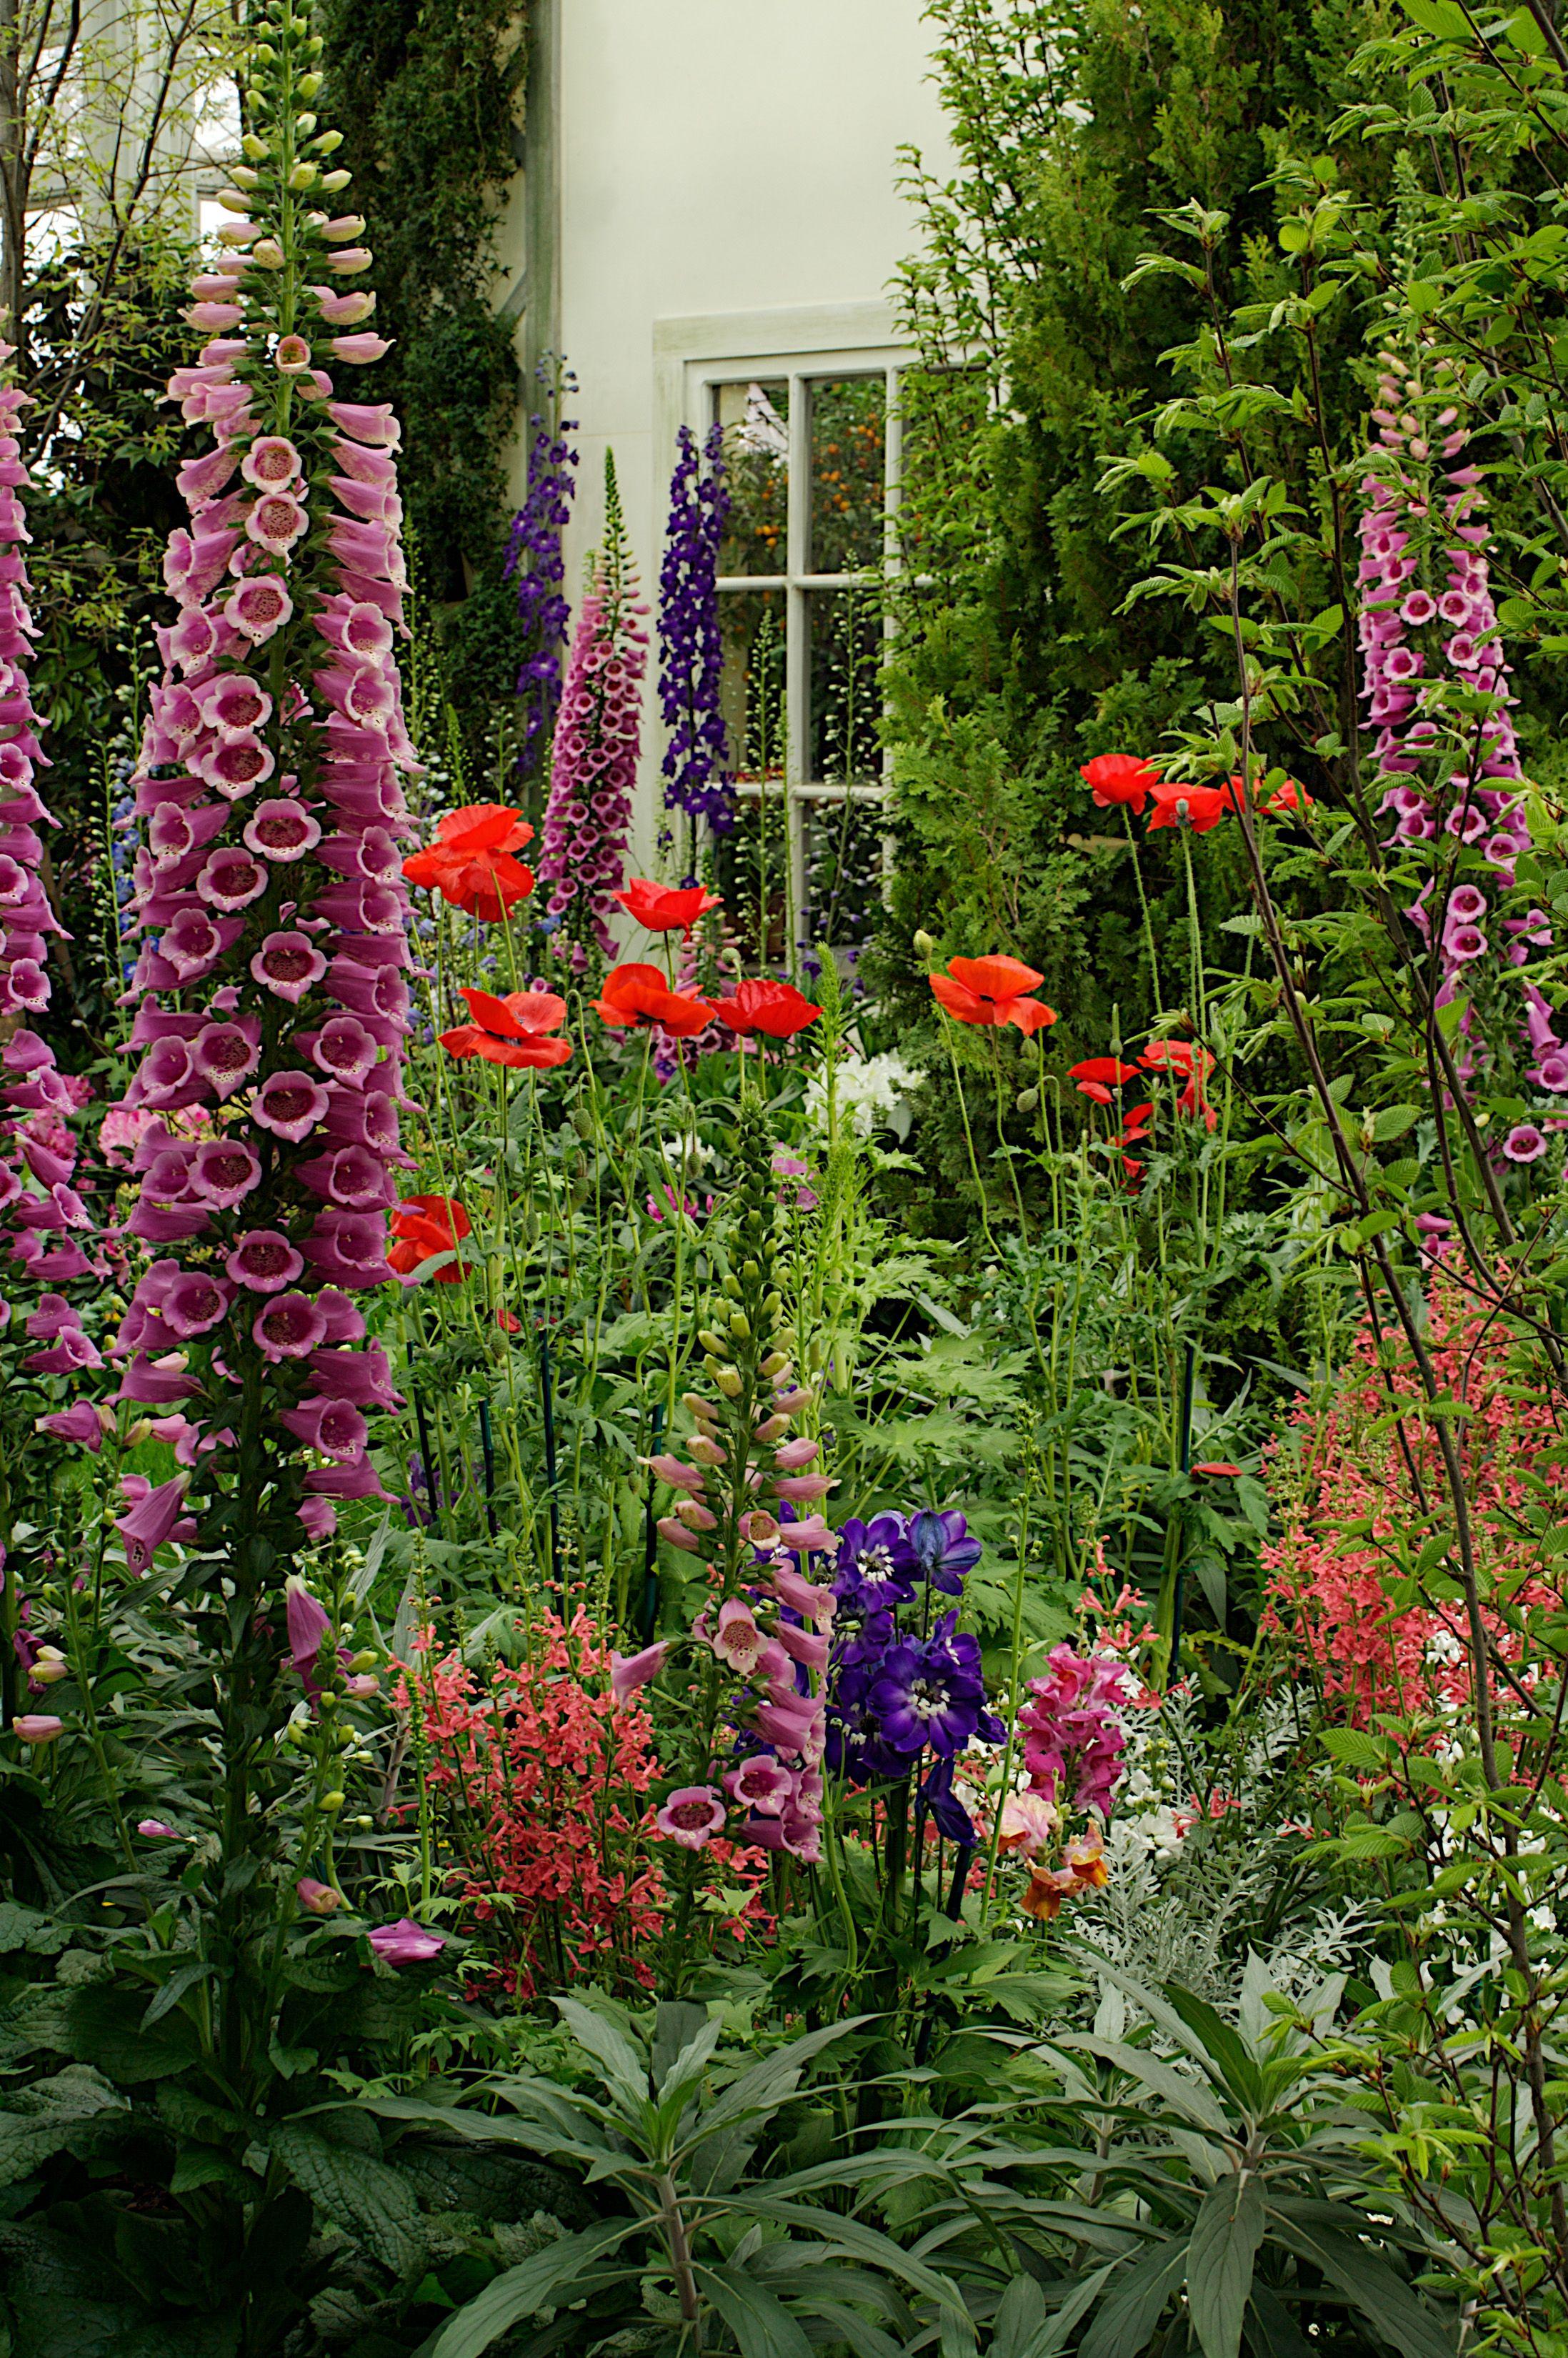 17 bsta bilder om Cottage gardens p Pinterest Trdgrdar